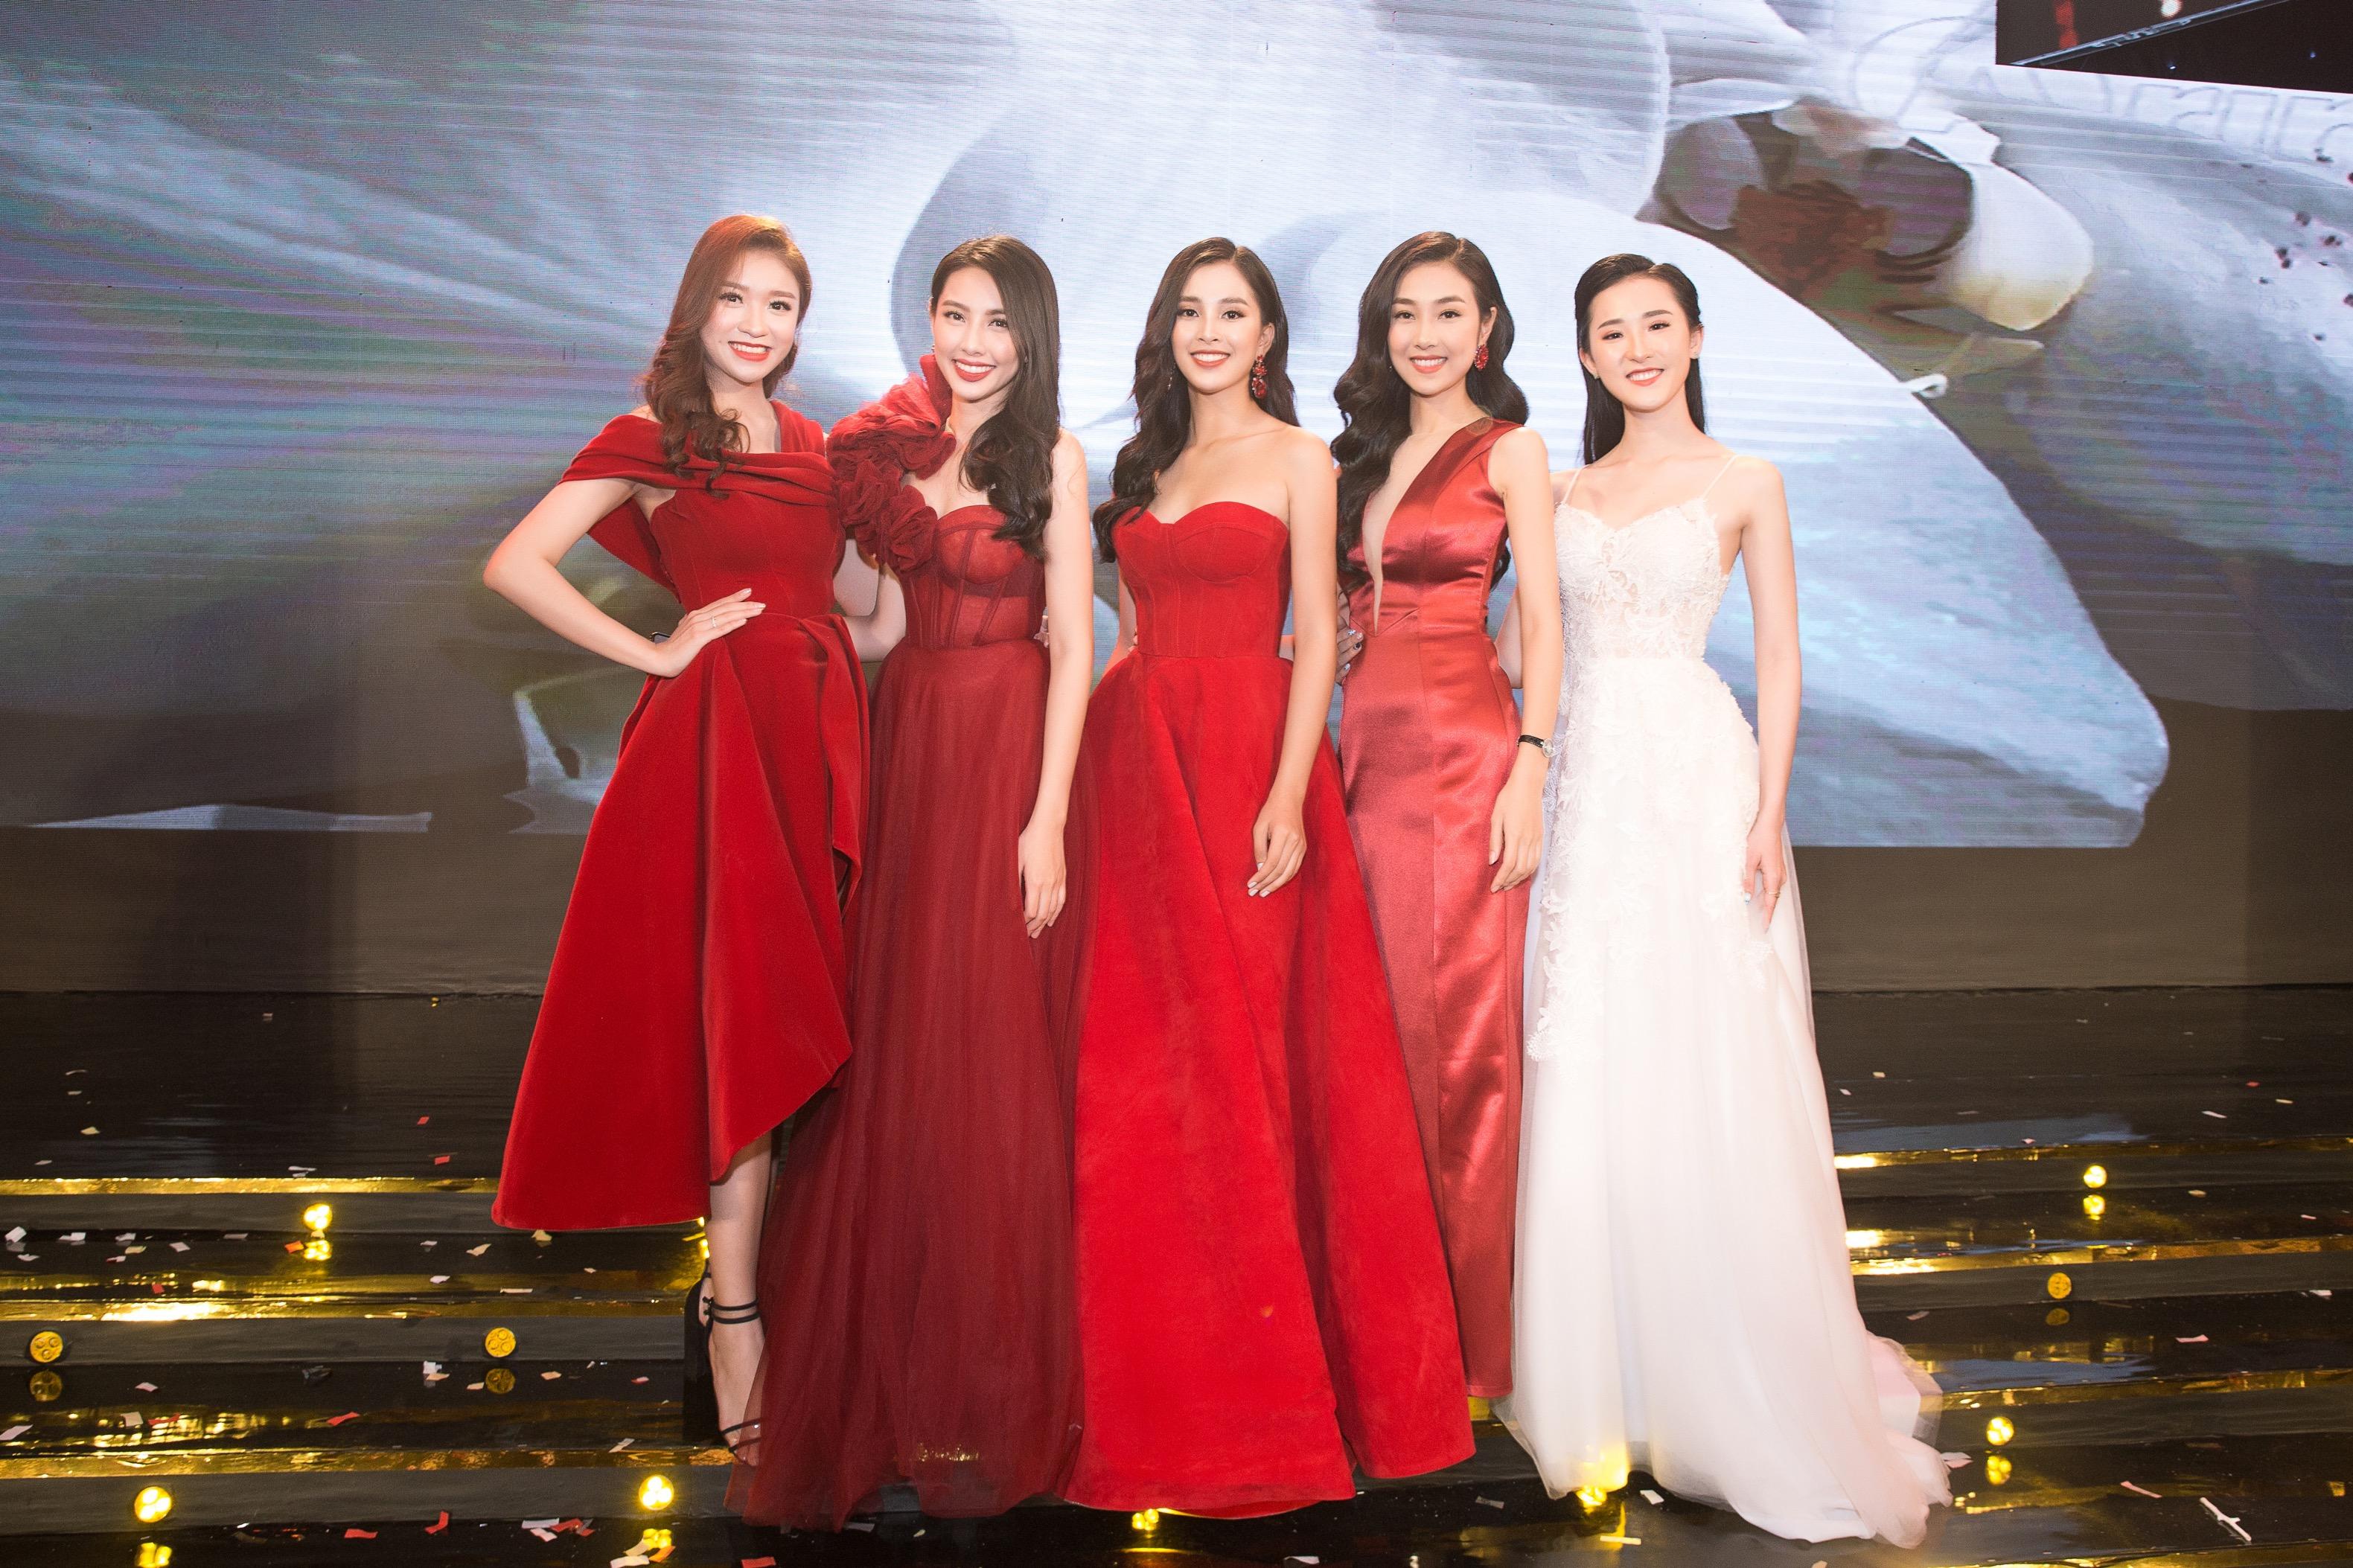 Hoa hậu Tiểu Vy mặc đầm cúp ngực quyến rũ khó tả Ảnh 9